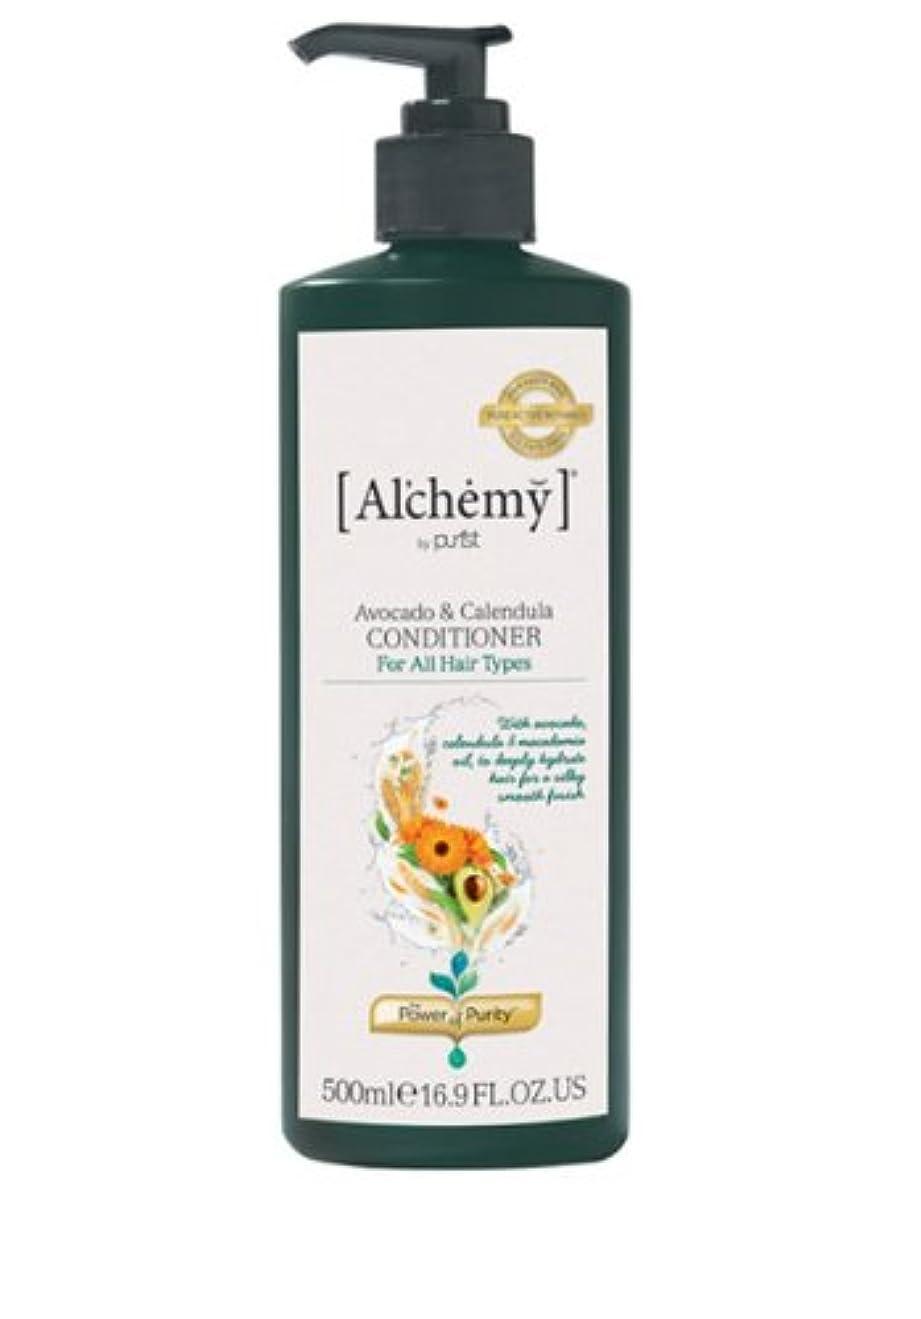 指導する自分のレスリング【Al'chemy(alchemy)】アルケミー アボカド&カレデュラ コンディショナー(Avocado&Calendula Conditioner)(ドライ&ロングヘア用)お徳用500ml